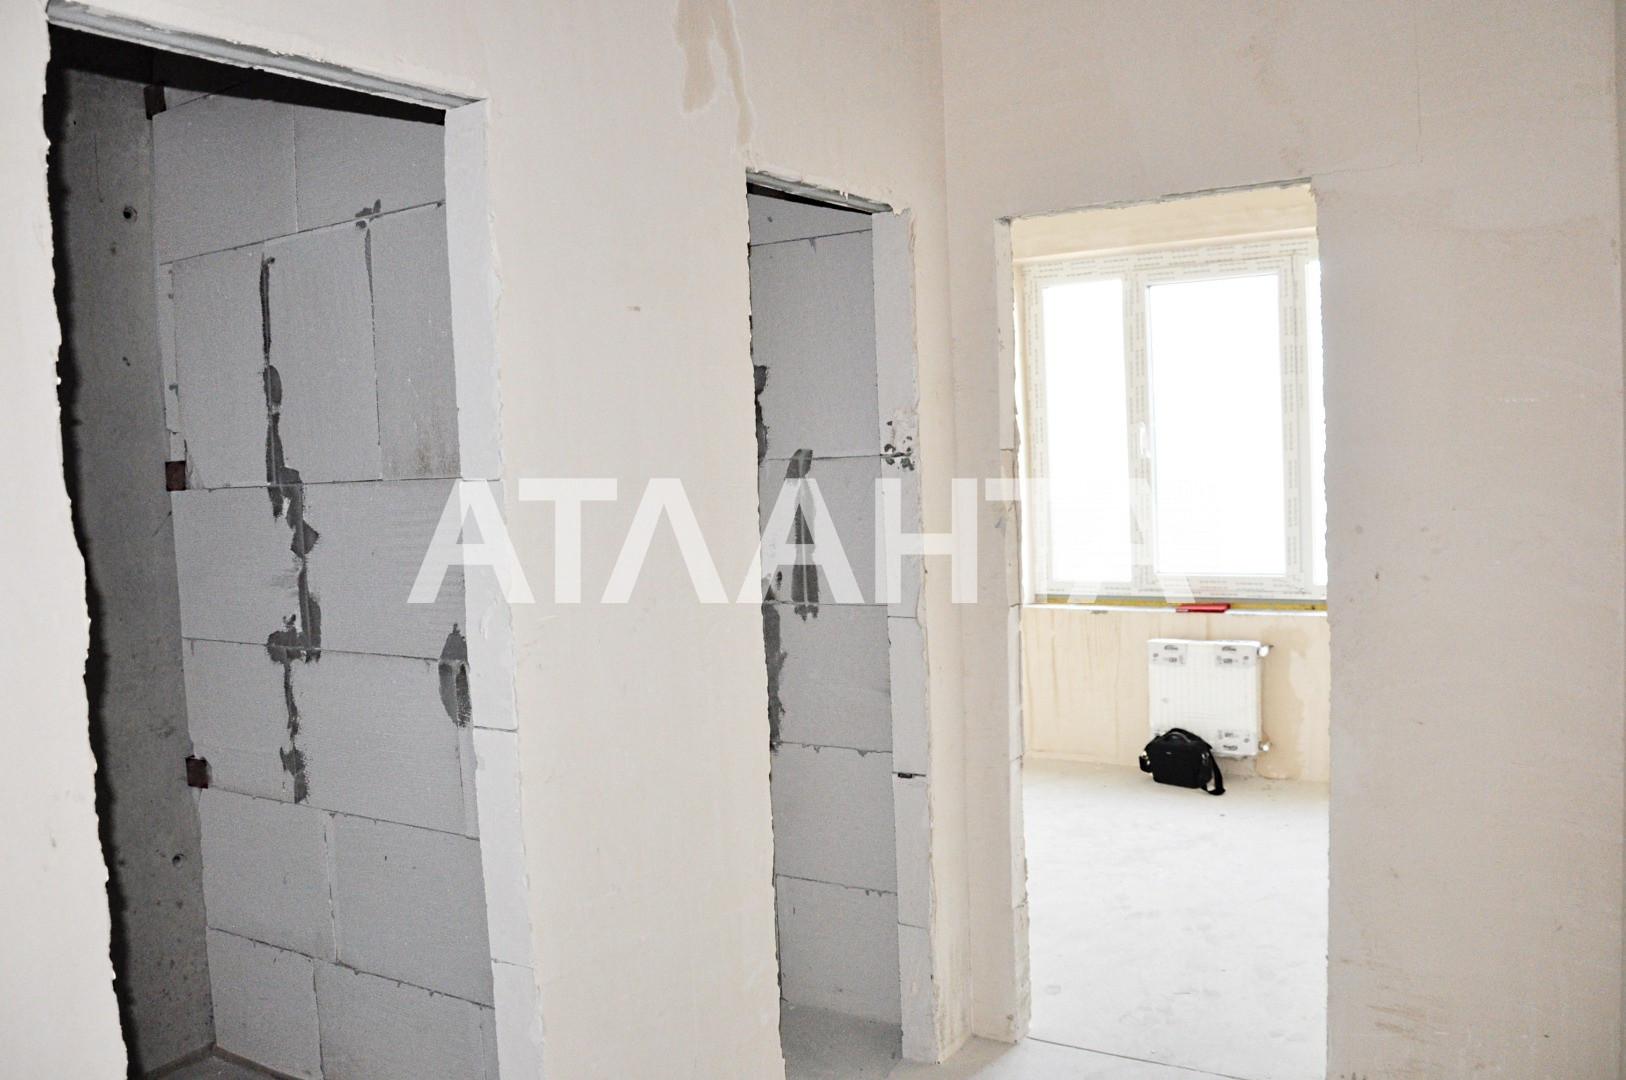 Продается 2-комнатная Квартира на ул. Каманина — 65 000 у.е. (фото №7)